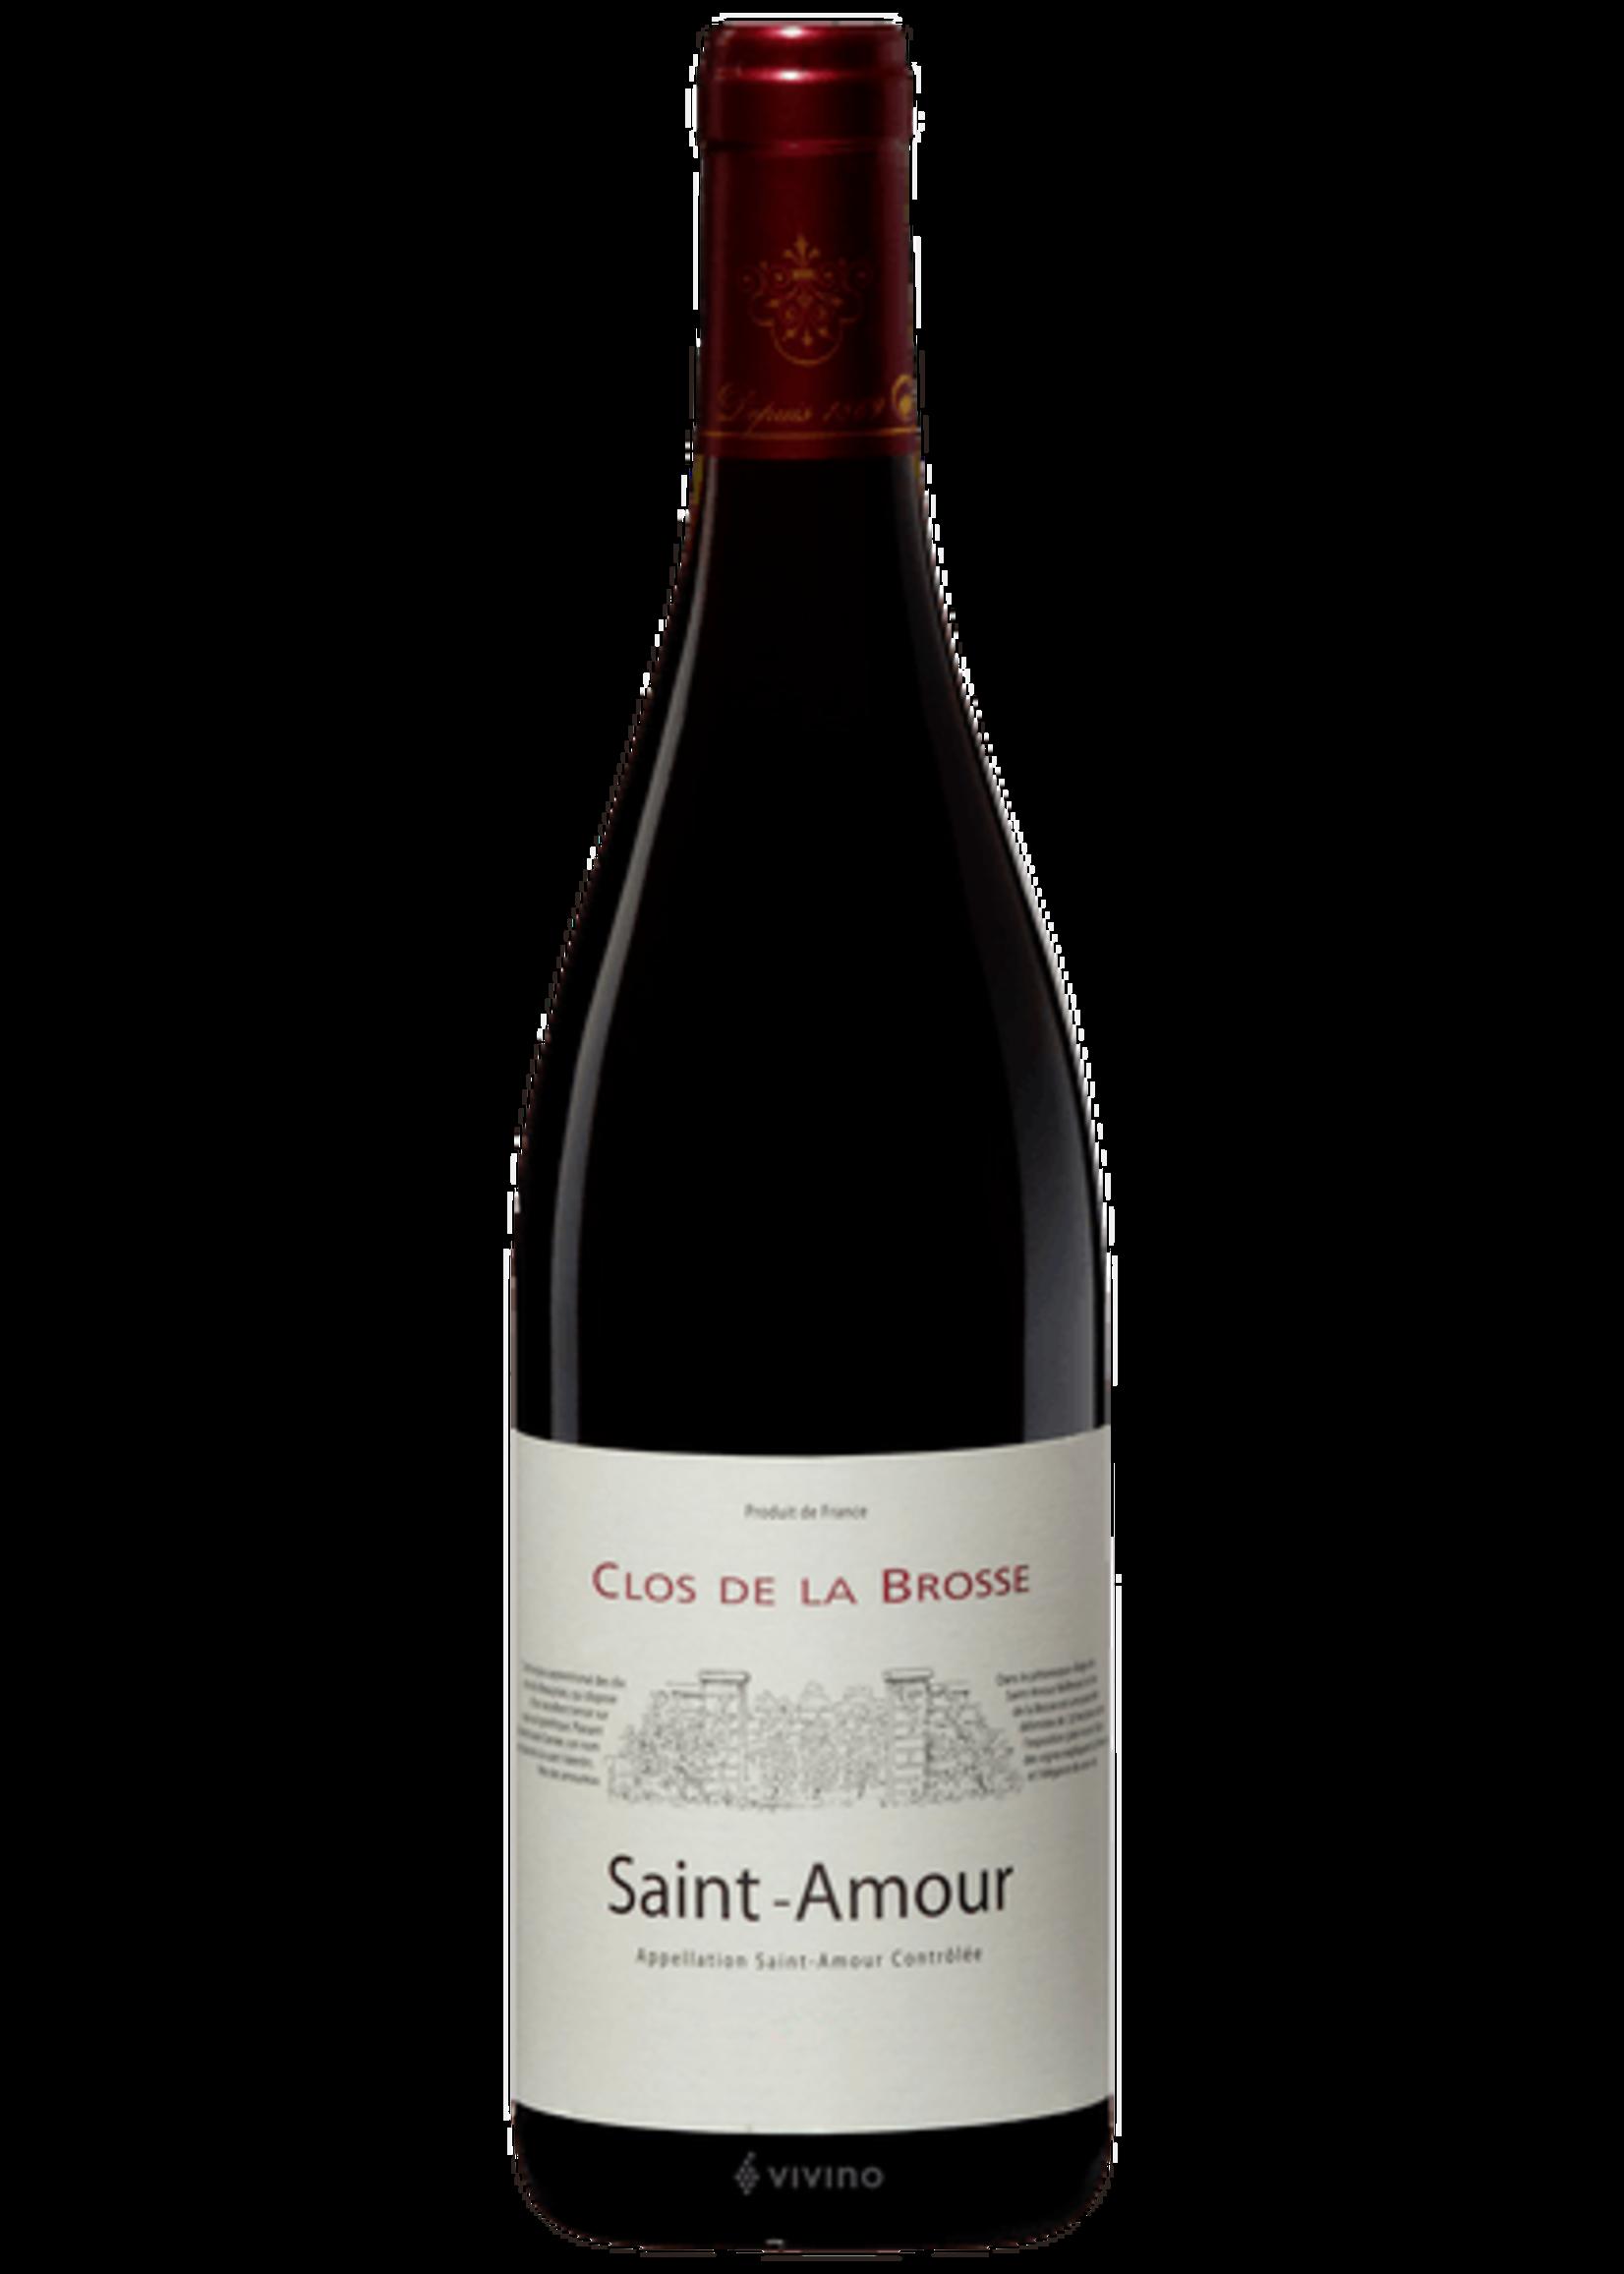 Clos de la Brosse Saint-Amout Cru Beaujolais